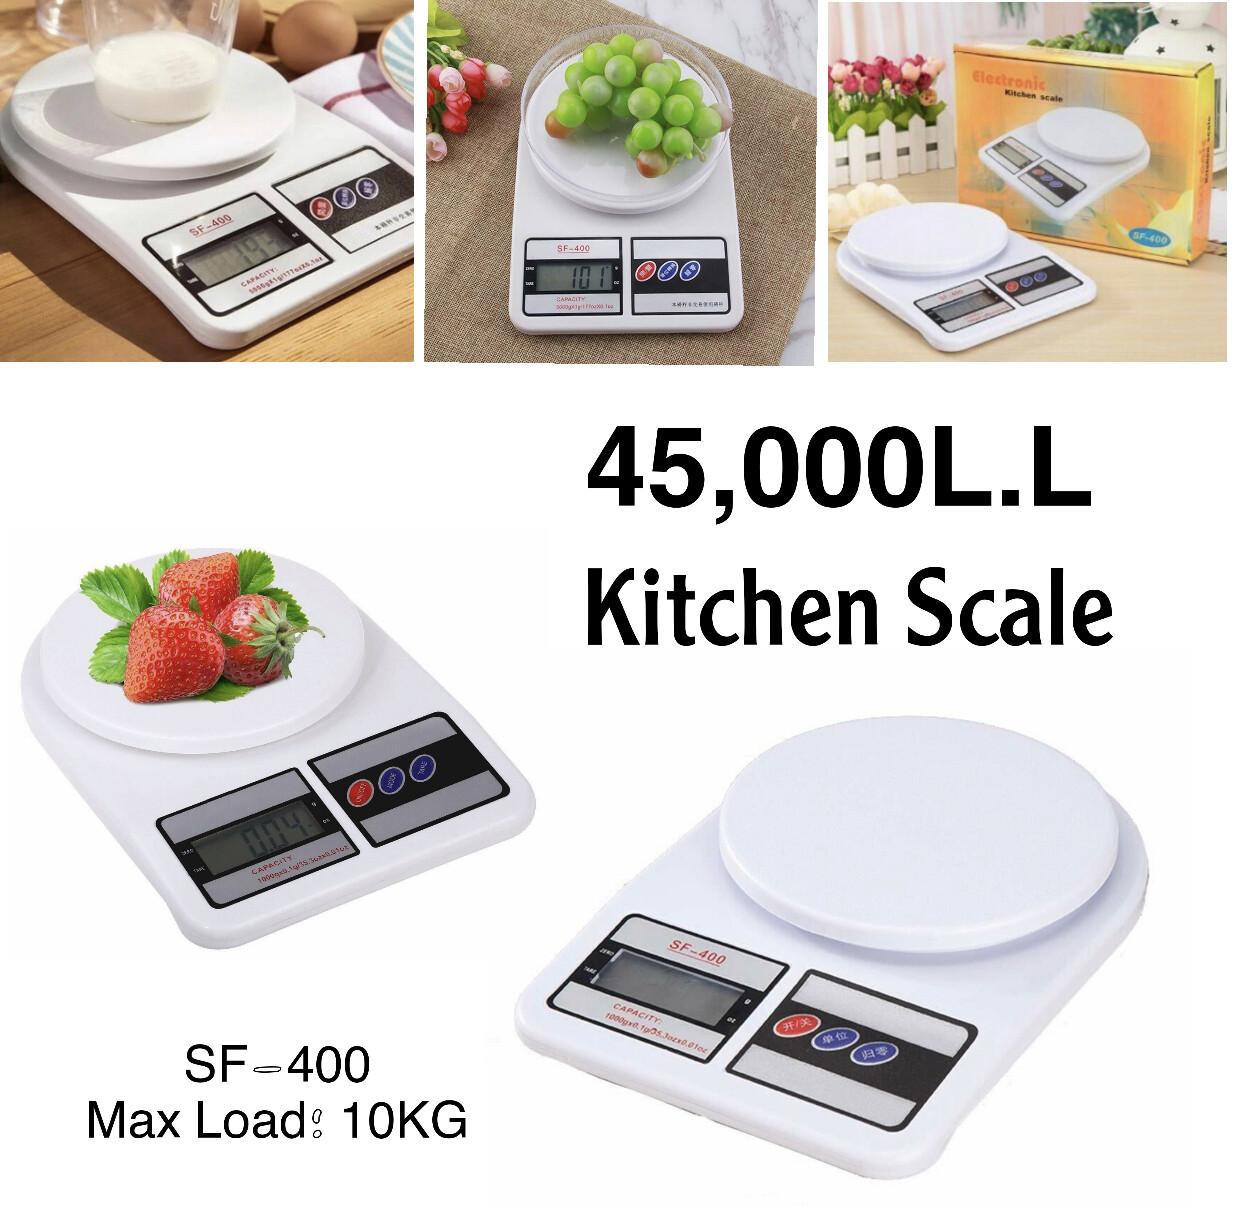 Kitchen Scale (SF-400)